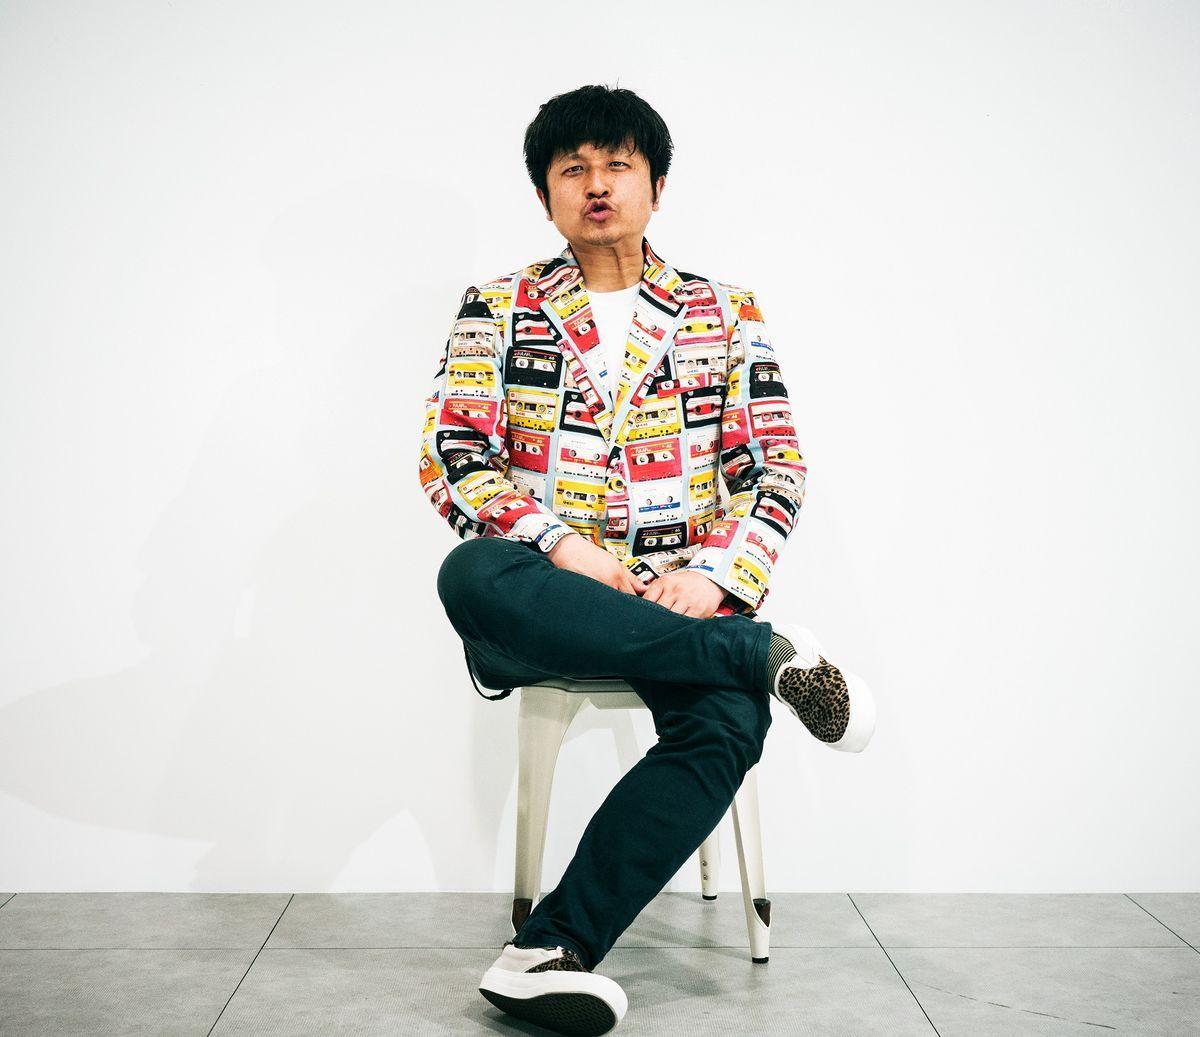 センチュリーシネマ、伏見ミリオン座で映画トークイベントを行うダイノジ大谷ノブ彦さん